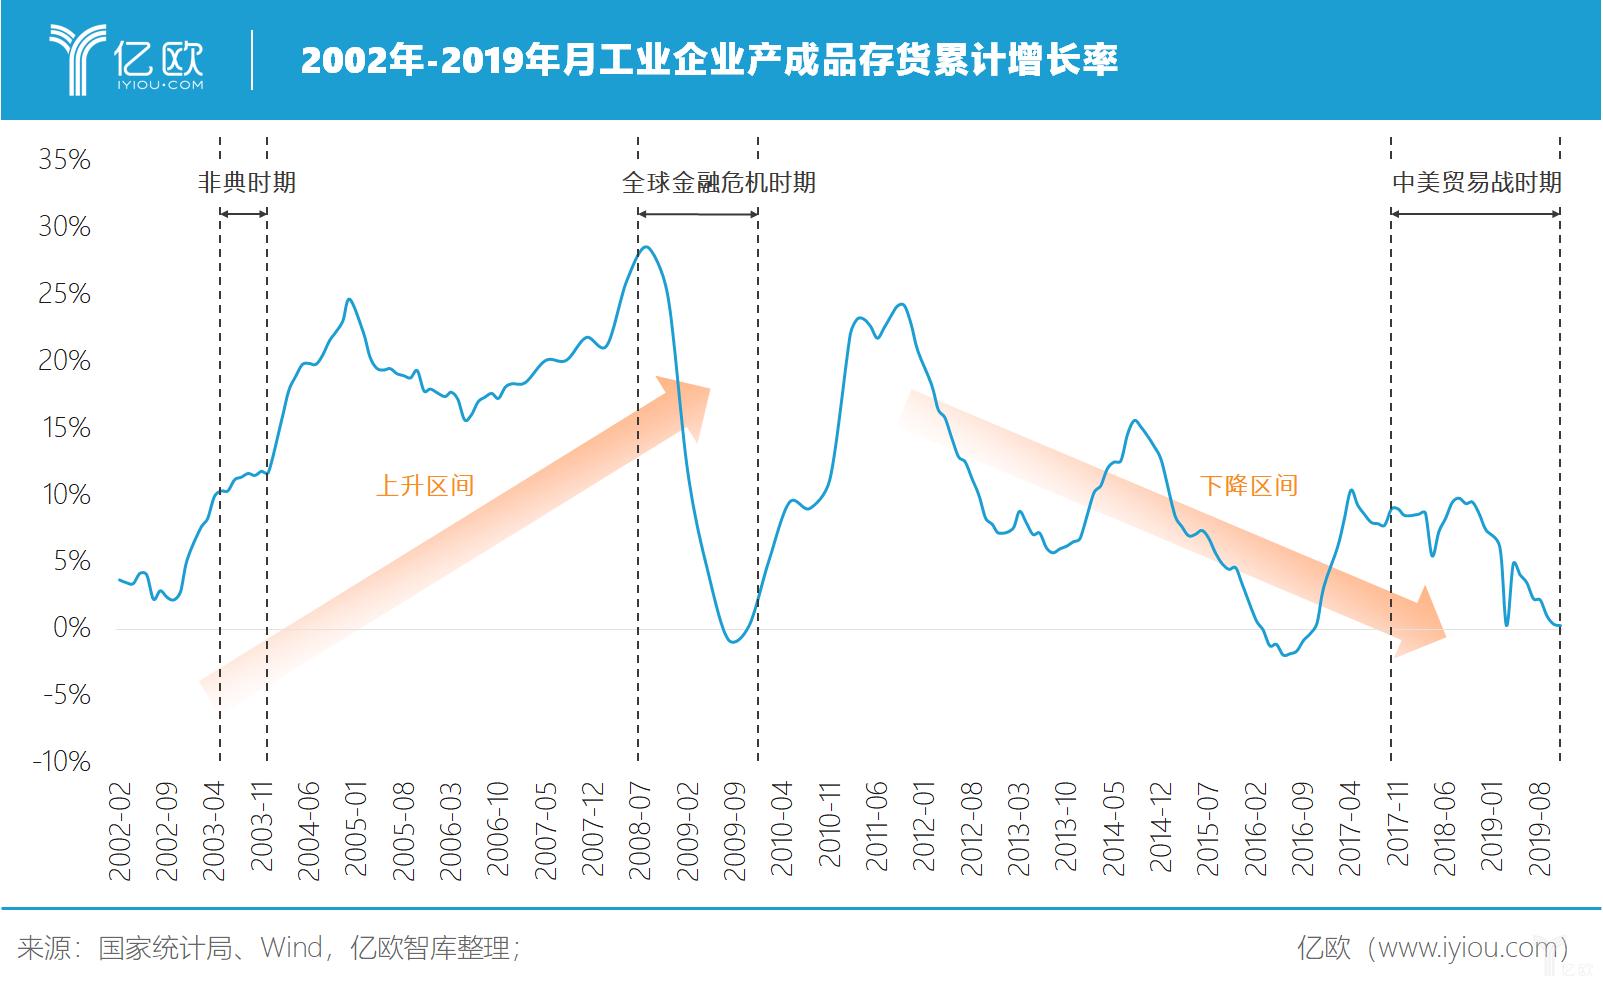 亿欧智库:2002年-2019年工业企业产成品存货累计增长率